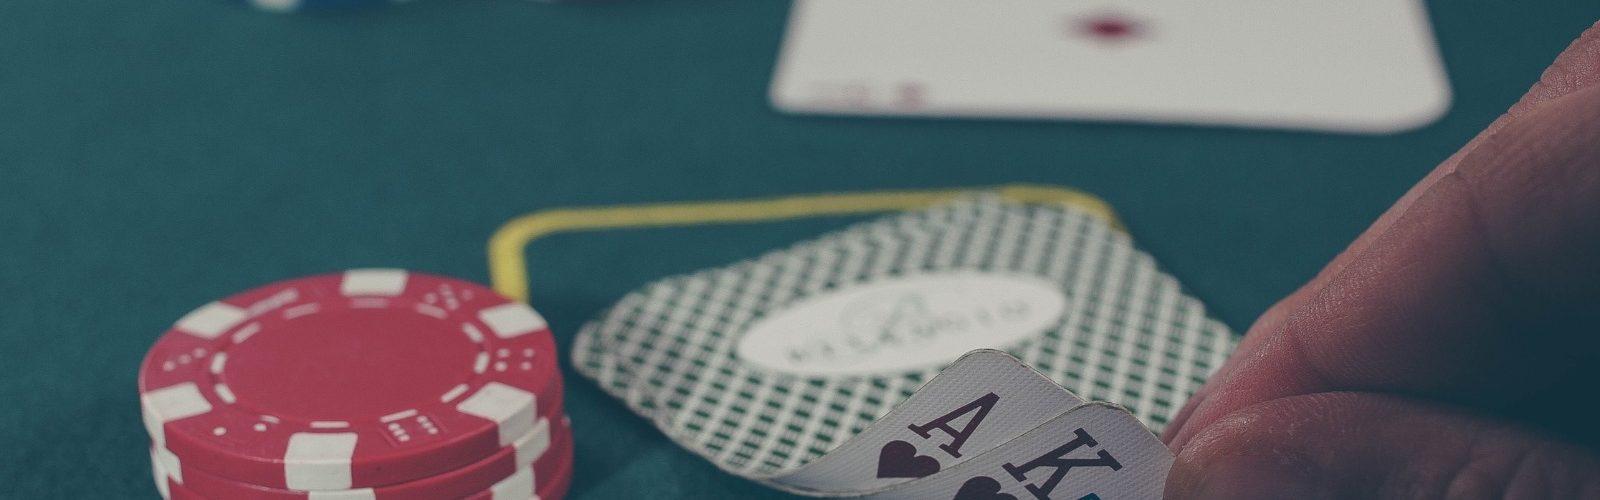 kaarten-aas-koning